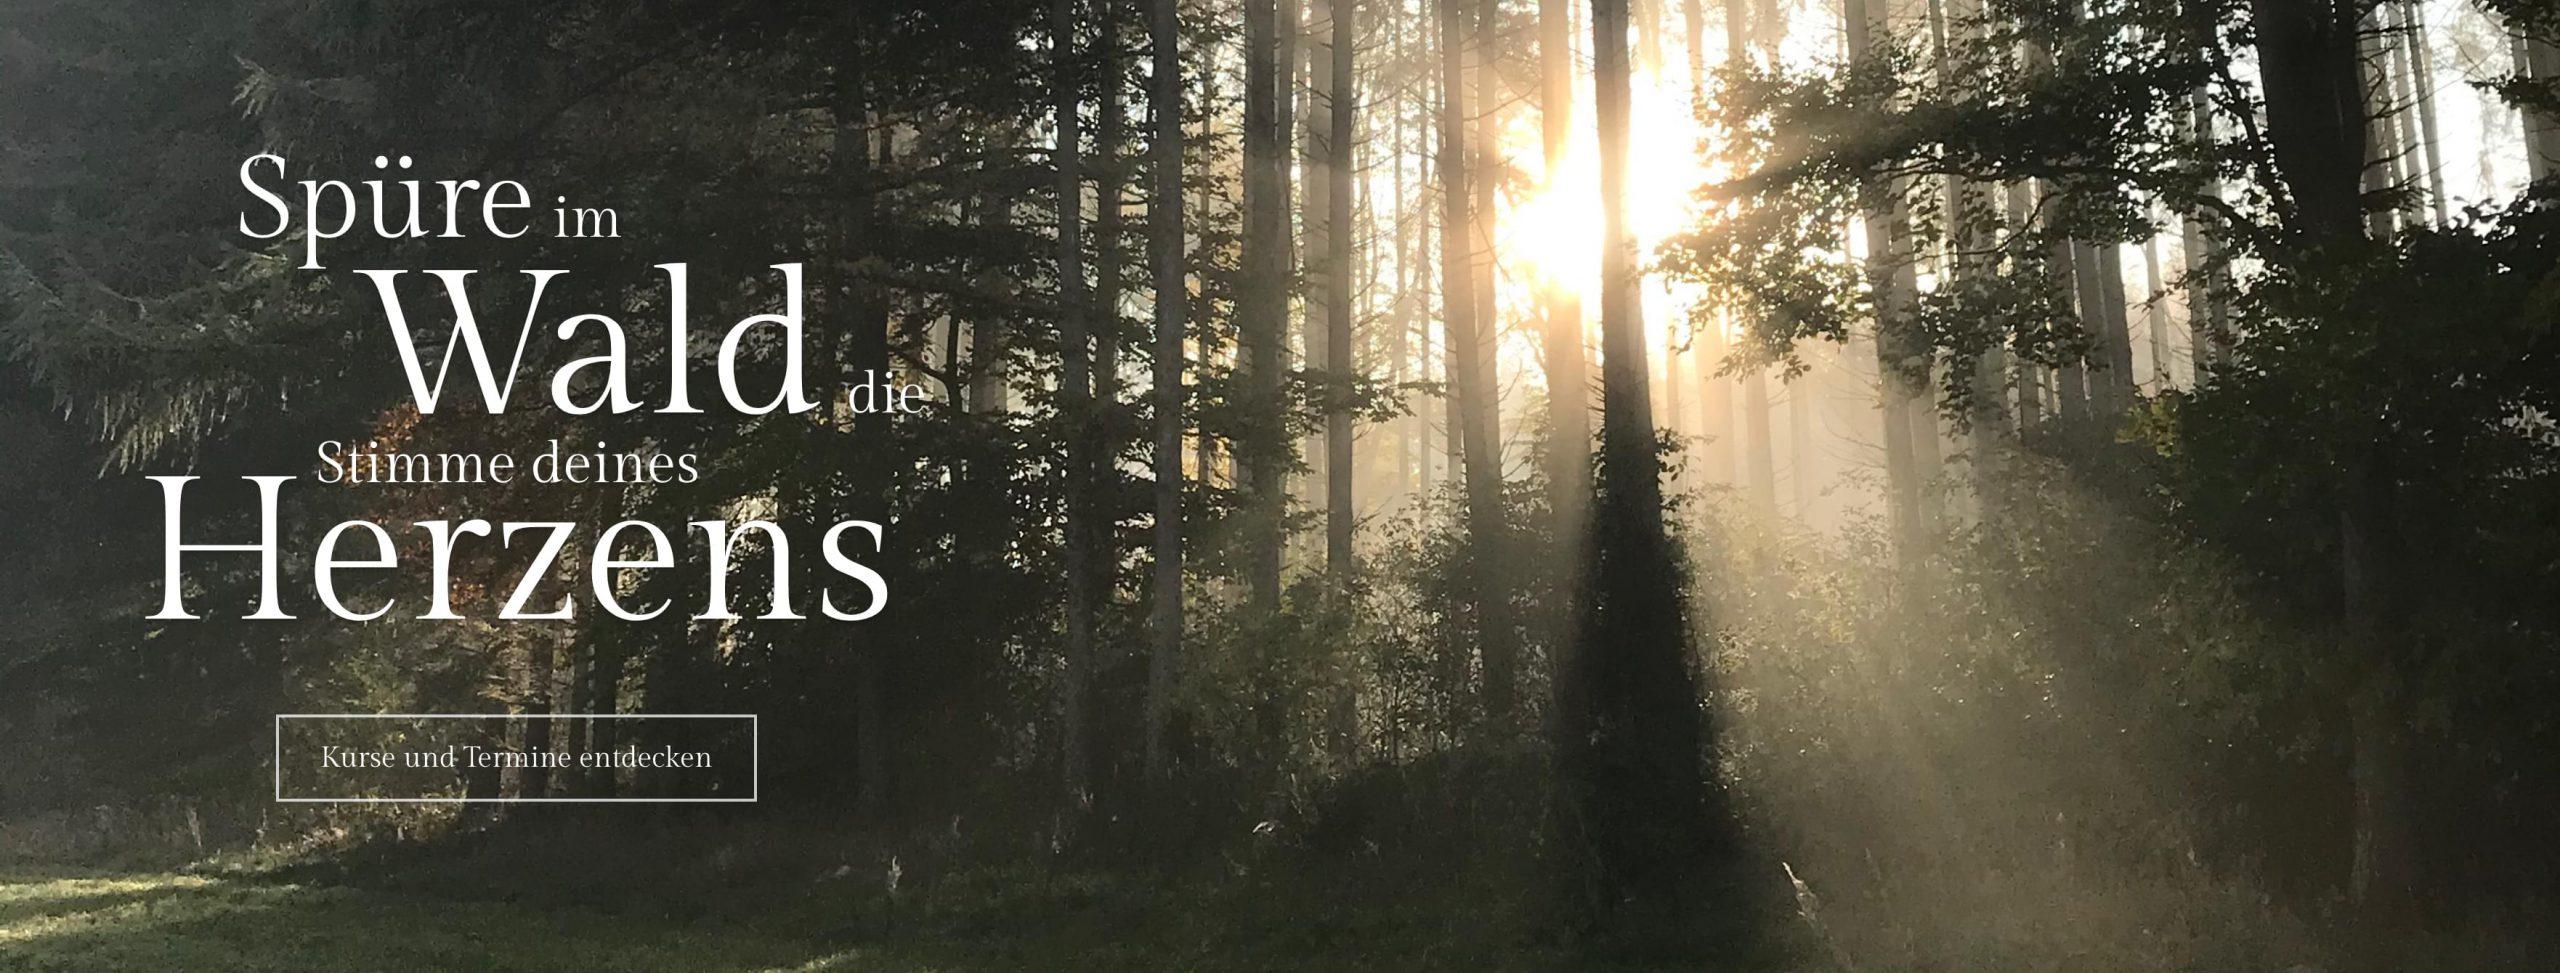 Waldbaden Termine und Kurse